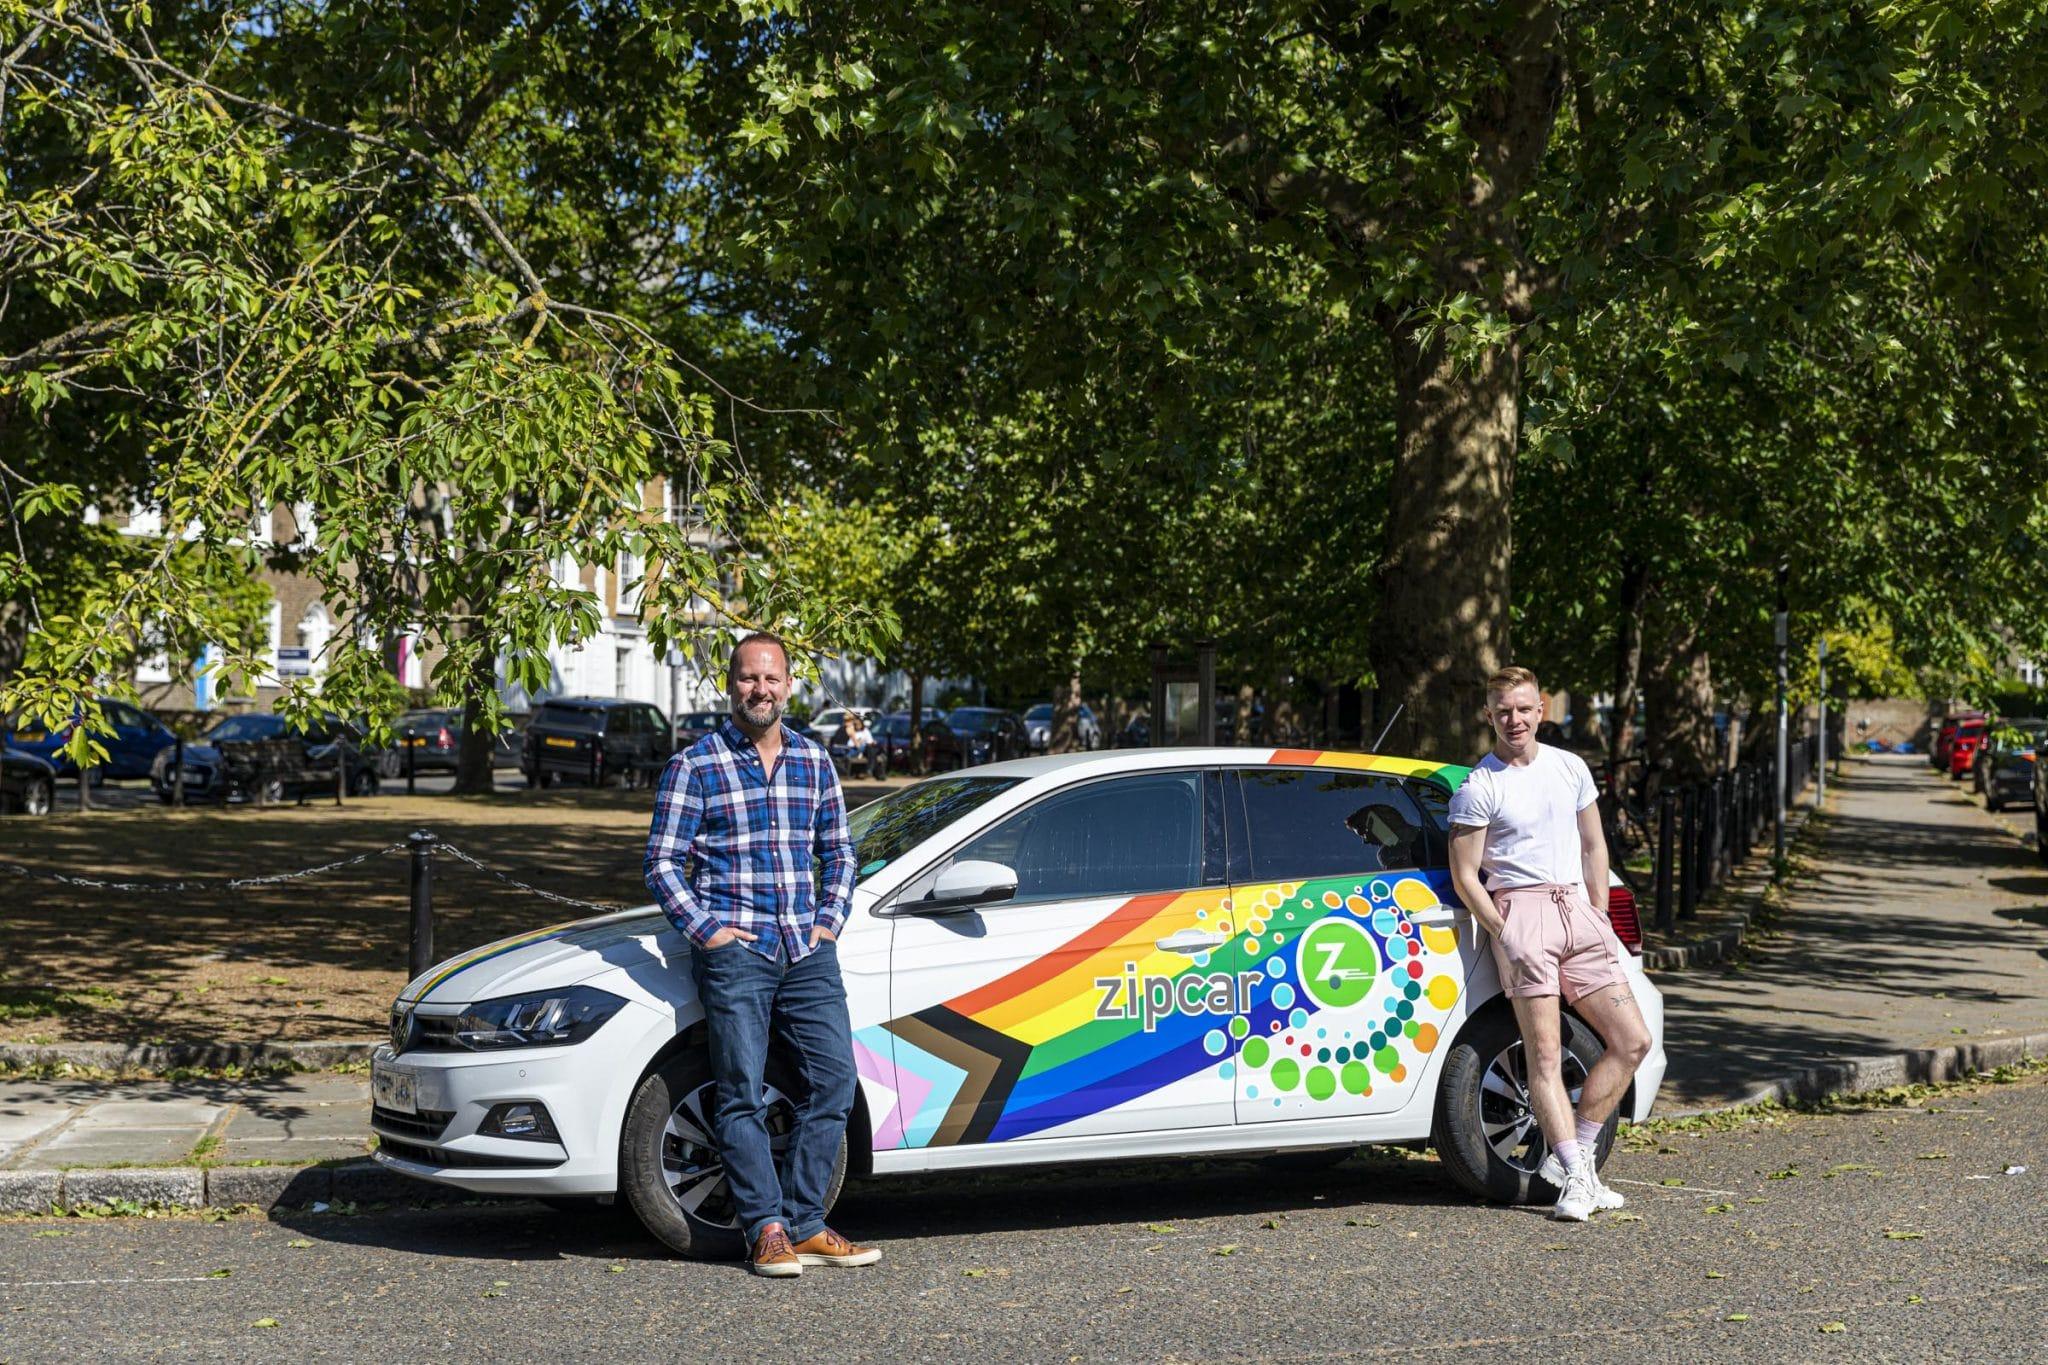 zipcar pride